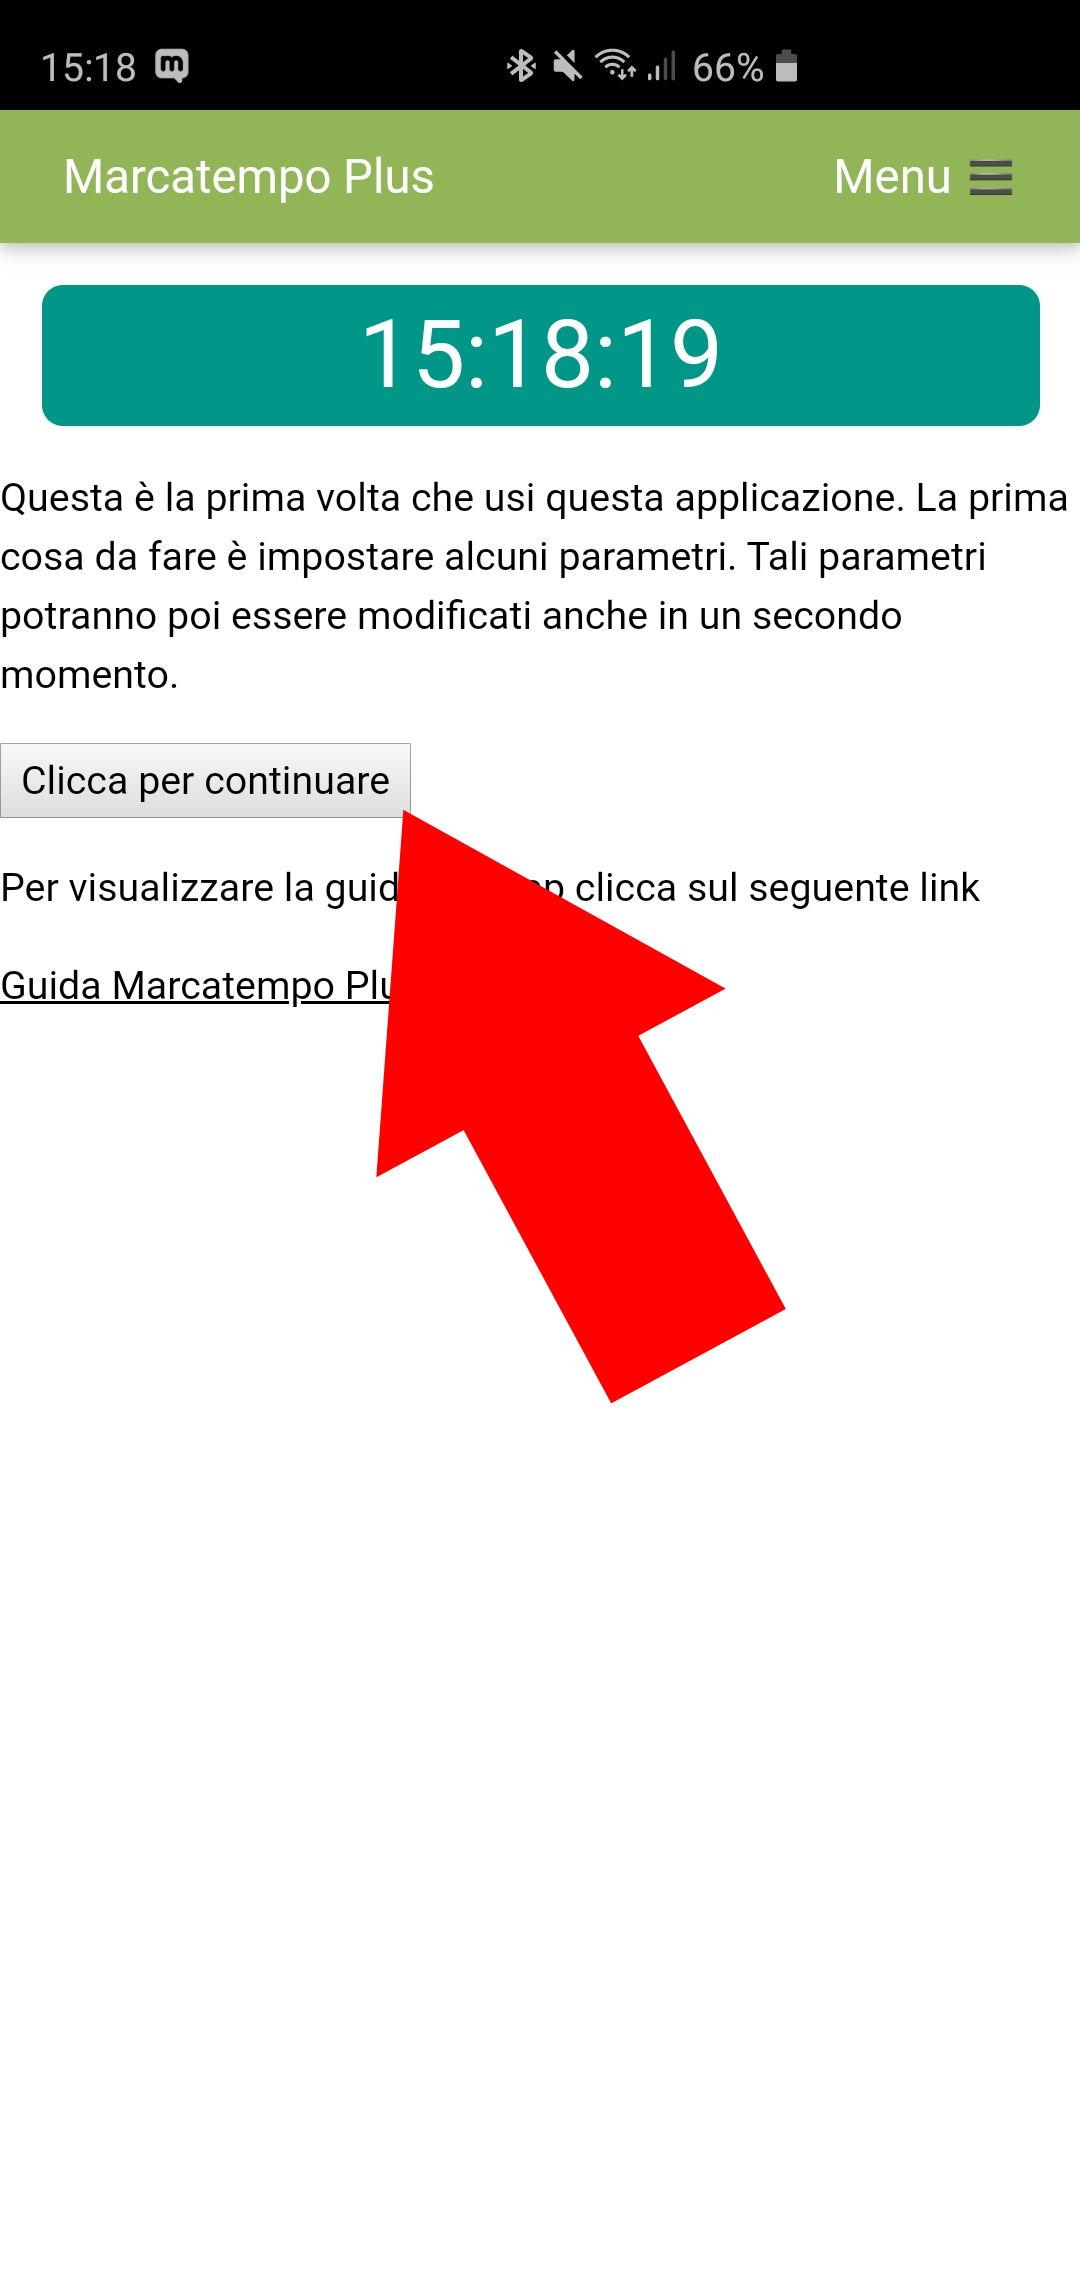 Configurazione-Marcatempo-Plus-QRCODE-02